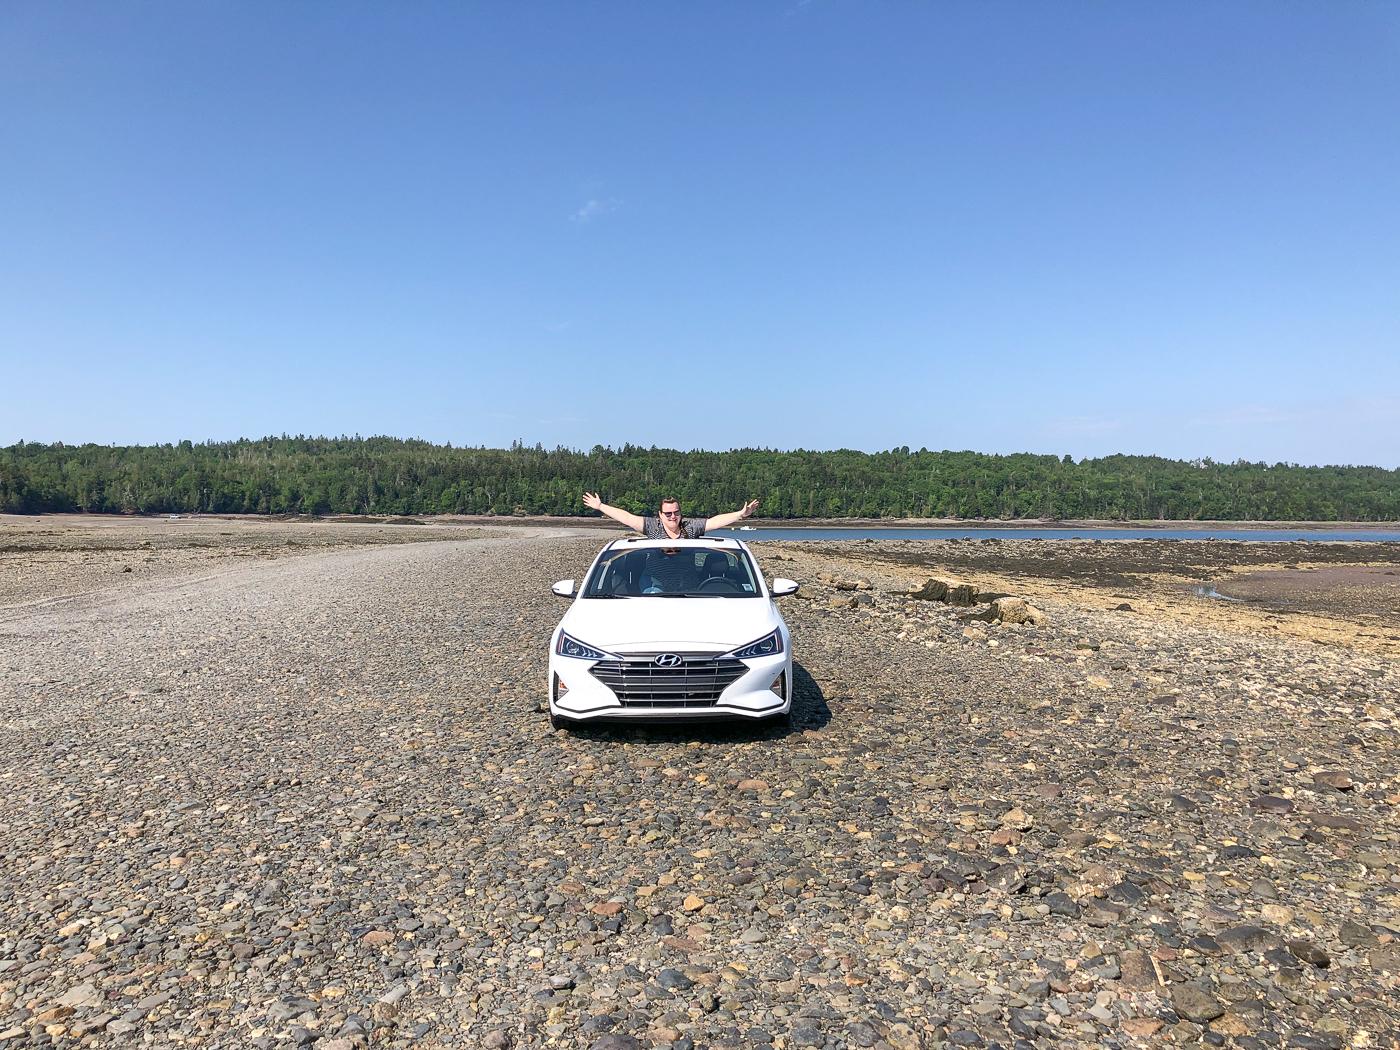 Voiture sur le fond de la baie de Fundy à marée basse - Traversée vers Minister's Island